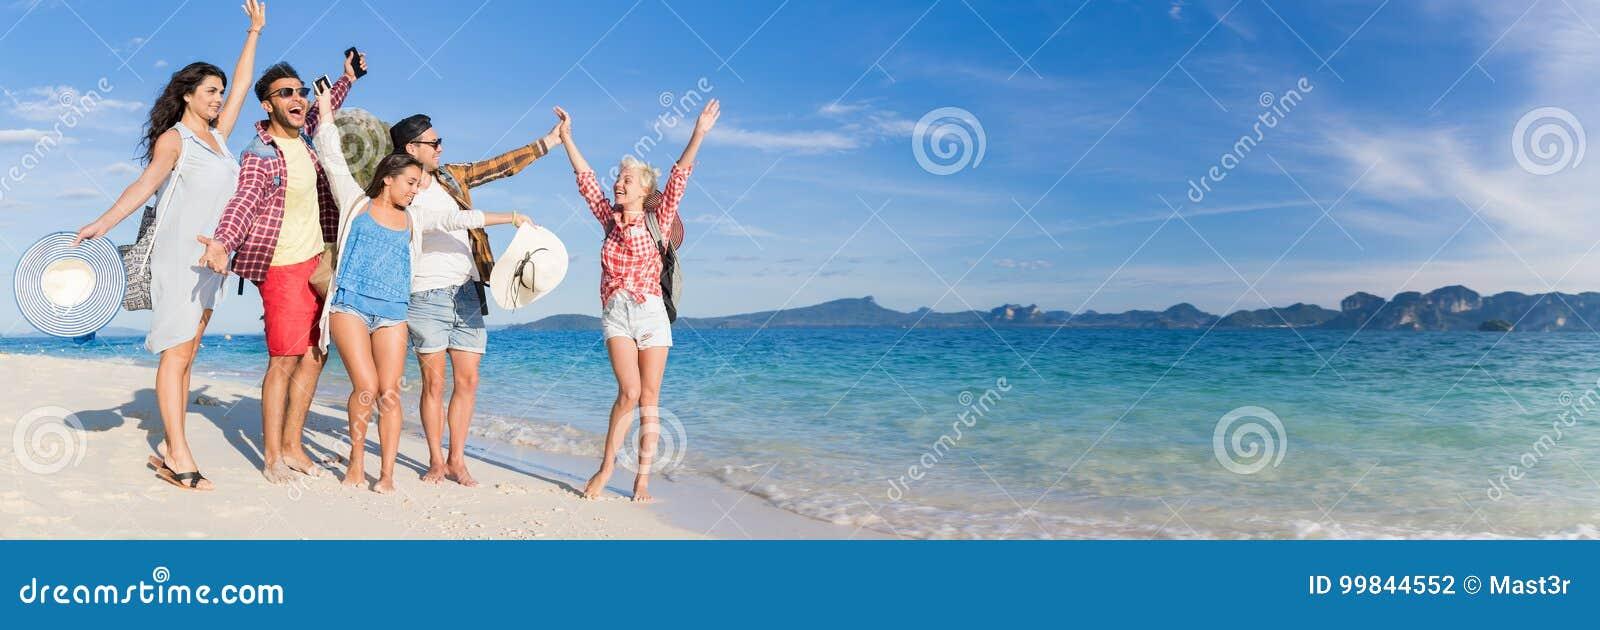 Grupo em férias de verão da praia, beira-mar de passeio de sorriso feliz dos jovens dos amigos